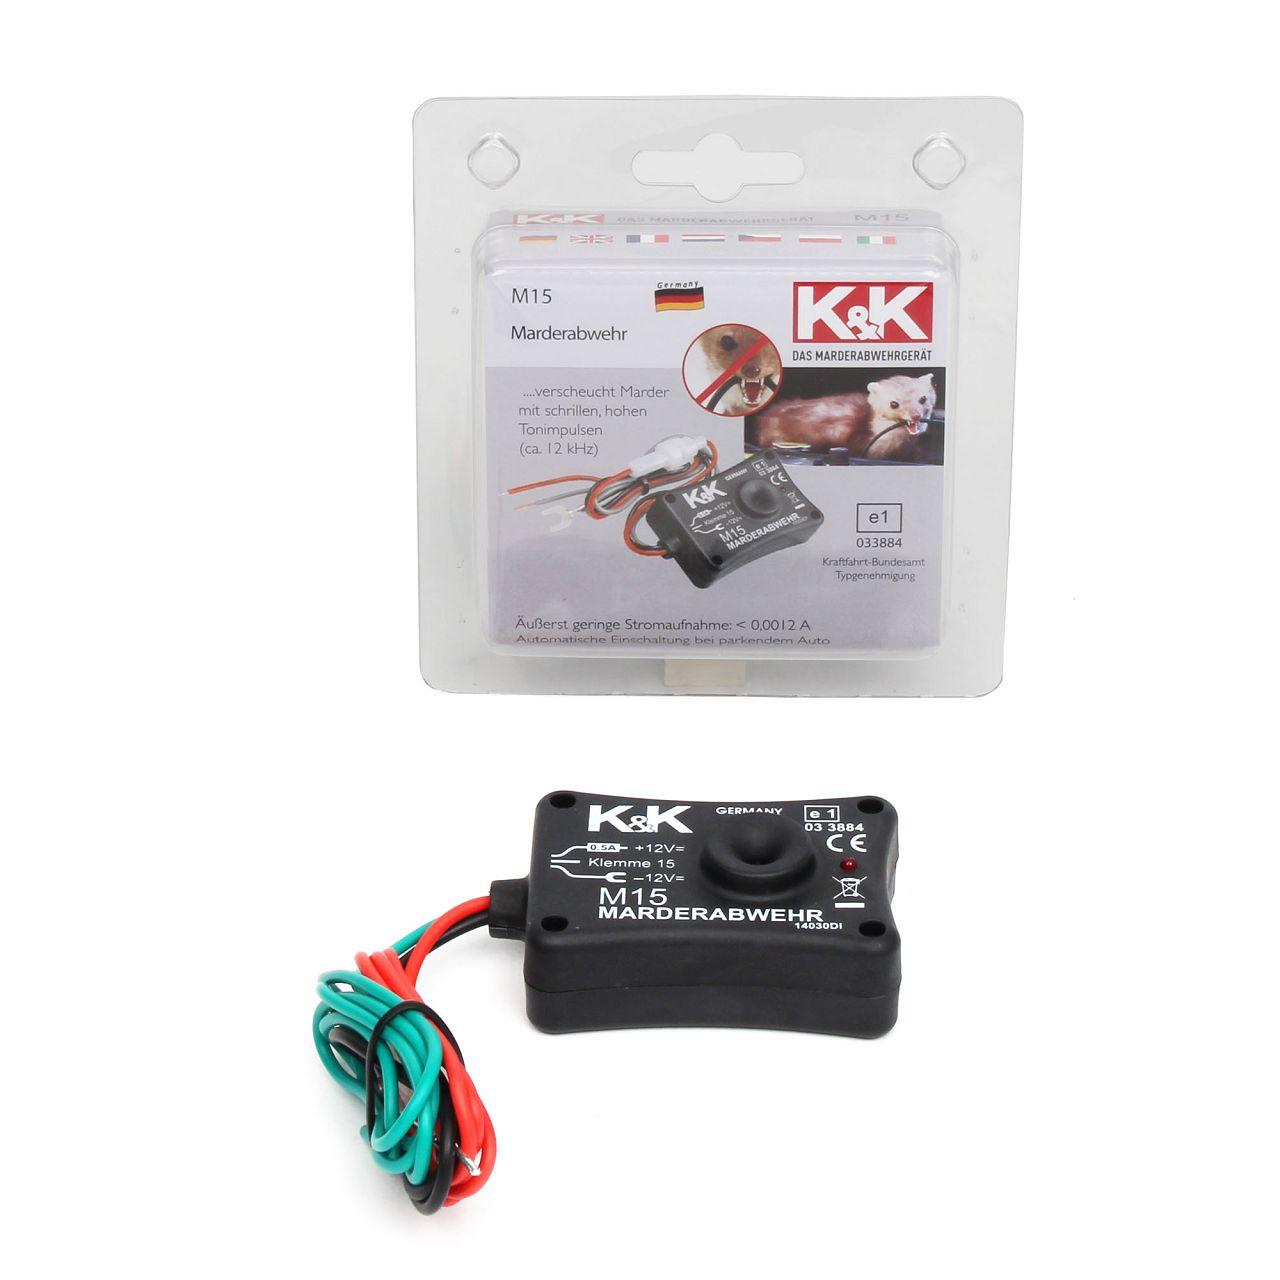 K&K Marderschutz Marderabwehr M15 Ultraschallgerät 12 kHz 85 dB(A)